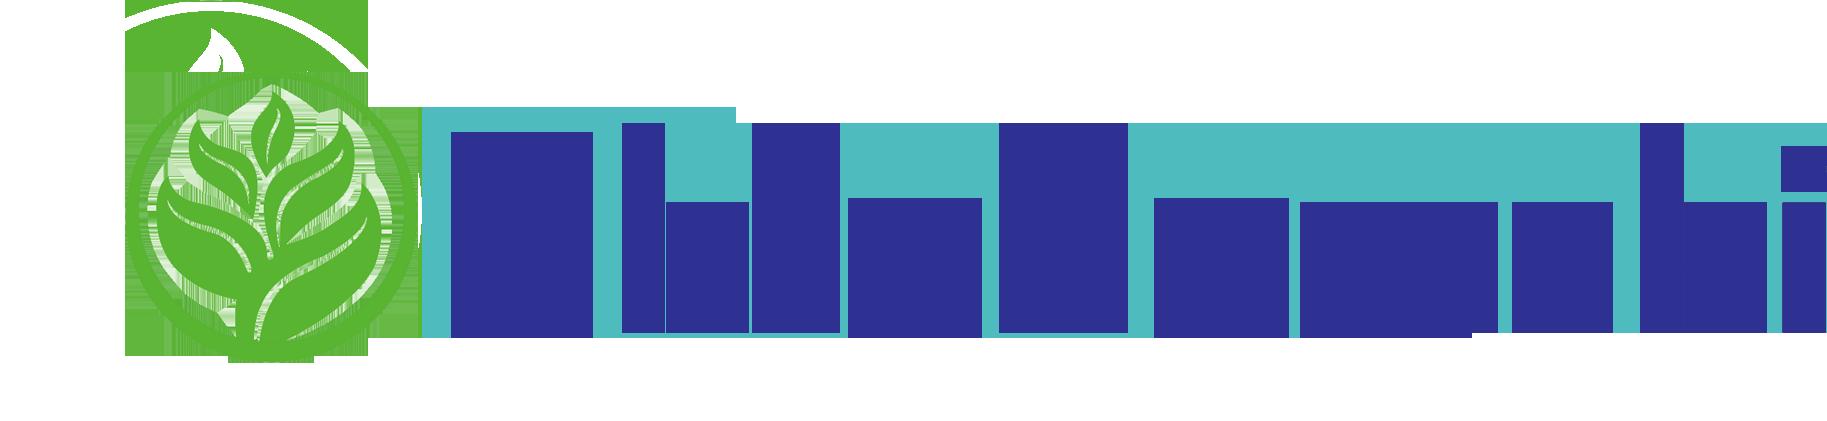 Sklodowski.com.pl